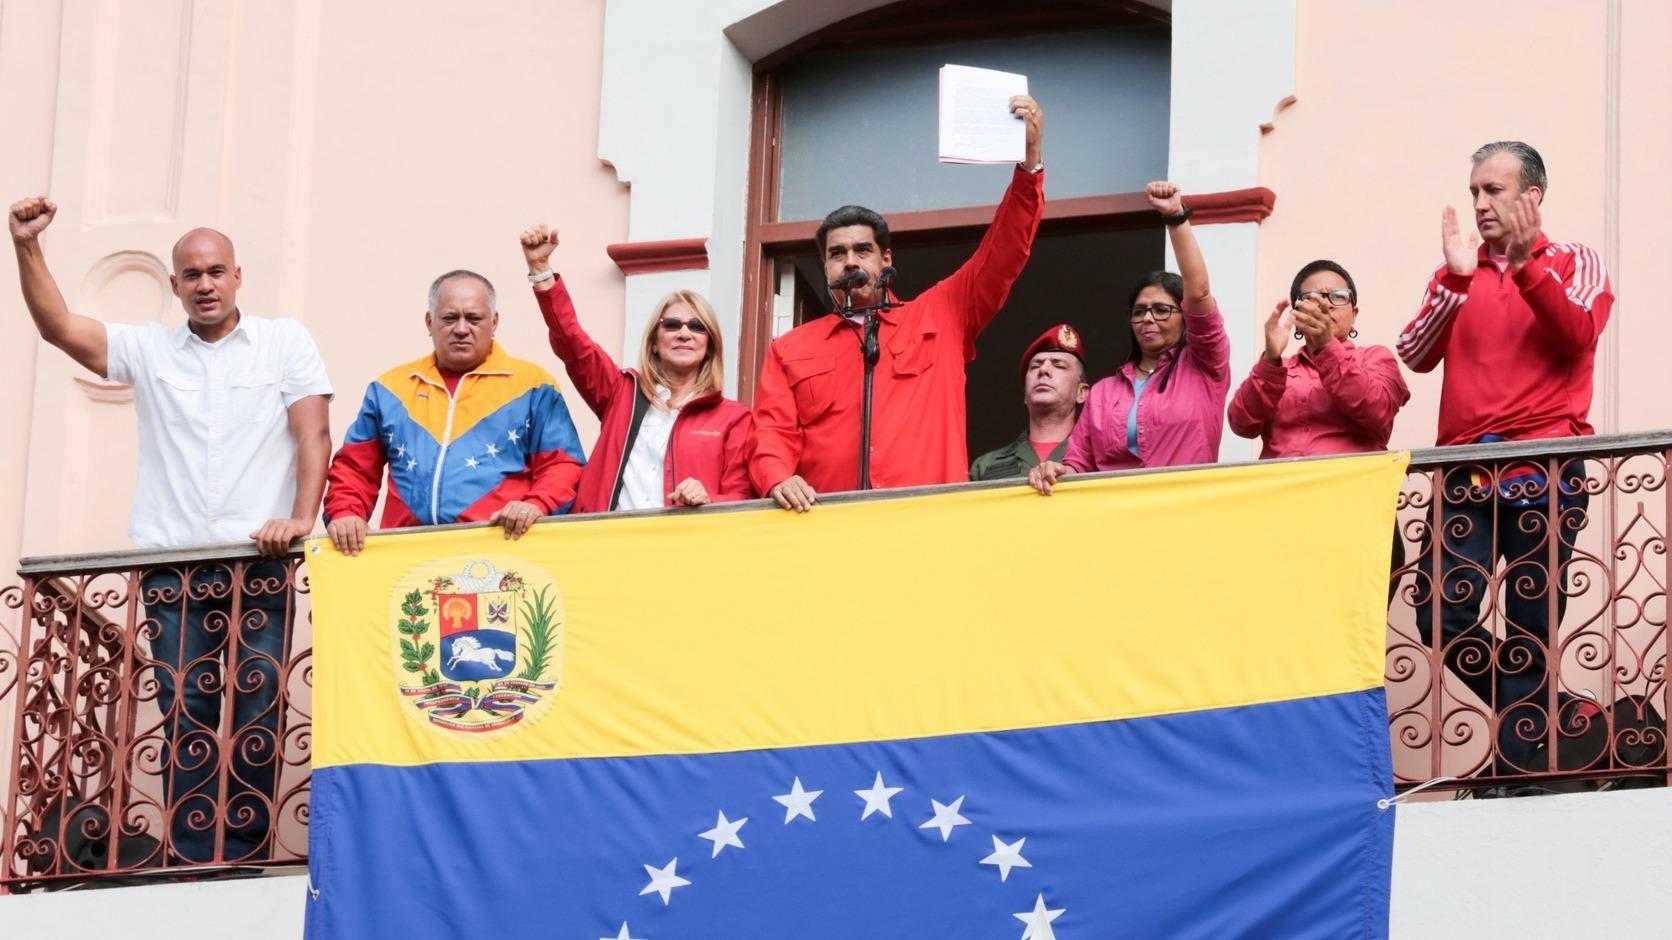 A Miraflores Elnöki Sajtóiroda által közreadott képen Nicolás Maduro venezuelai elnök (k) beszél támogatóihoz Caracasban 2019. január 23-án. Ezen a napon százezrek vonultak utcára Venezuela több nagyvárosában, követelve Nicolás Maduro államfő lemondását, valamint azt, hogy az ellenzéki többségű parlament elnökét, Juan Guaidót nevezzék ki elnöknek.  A kormányellenes tüntetésekben eddig legkevesebb 13-an vesztették életüket. MTI/EPA/EFE/Miraflores Elnöki Sajtóiroda/Marcelo Garcia